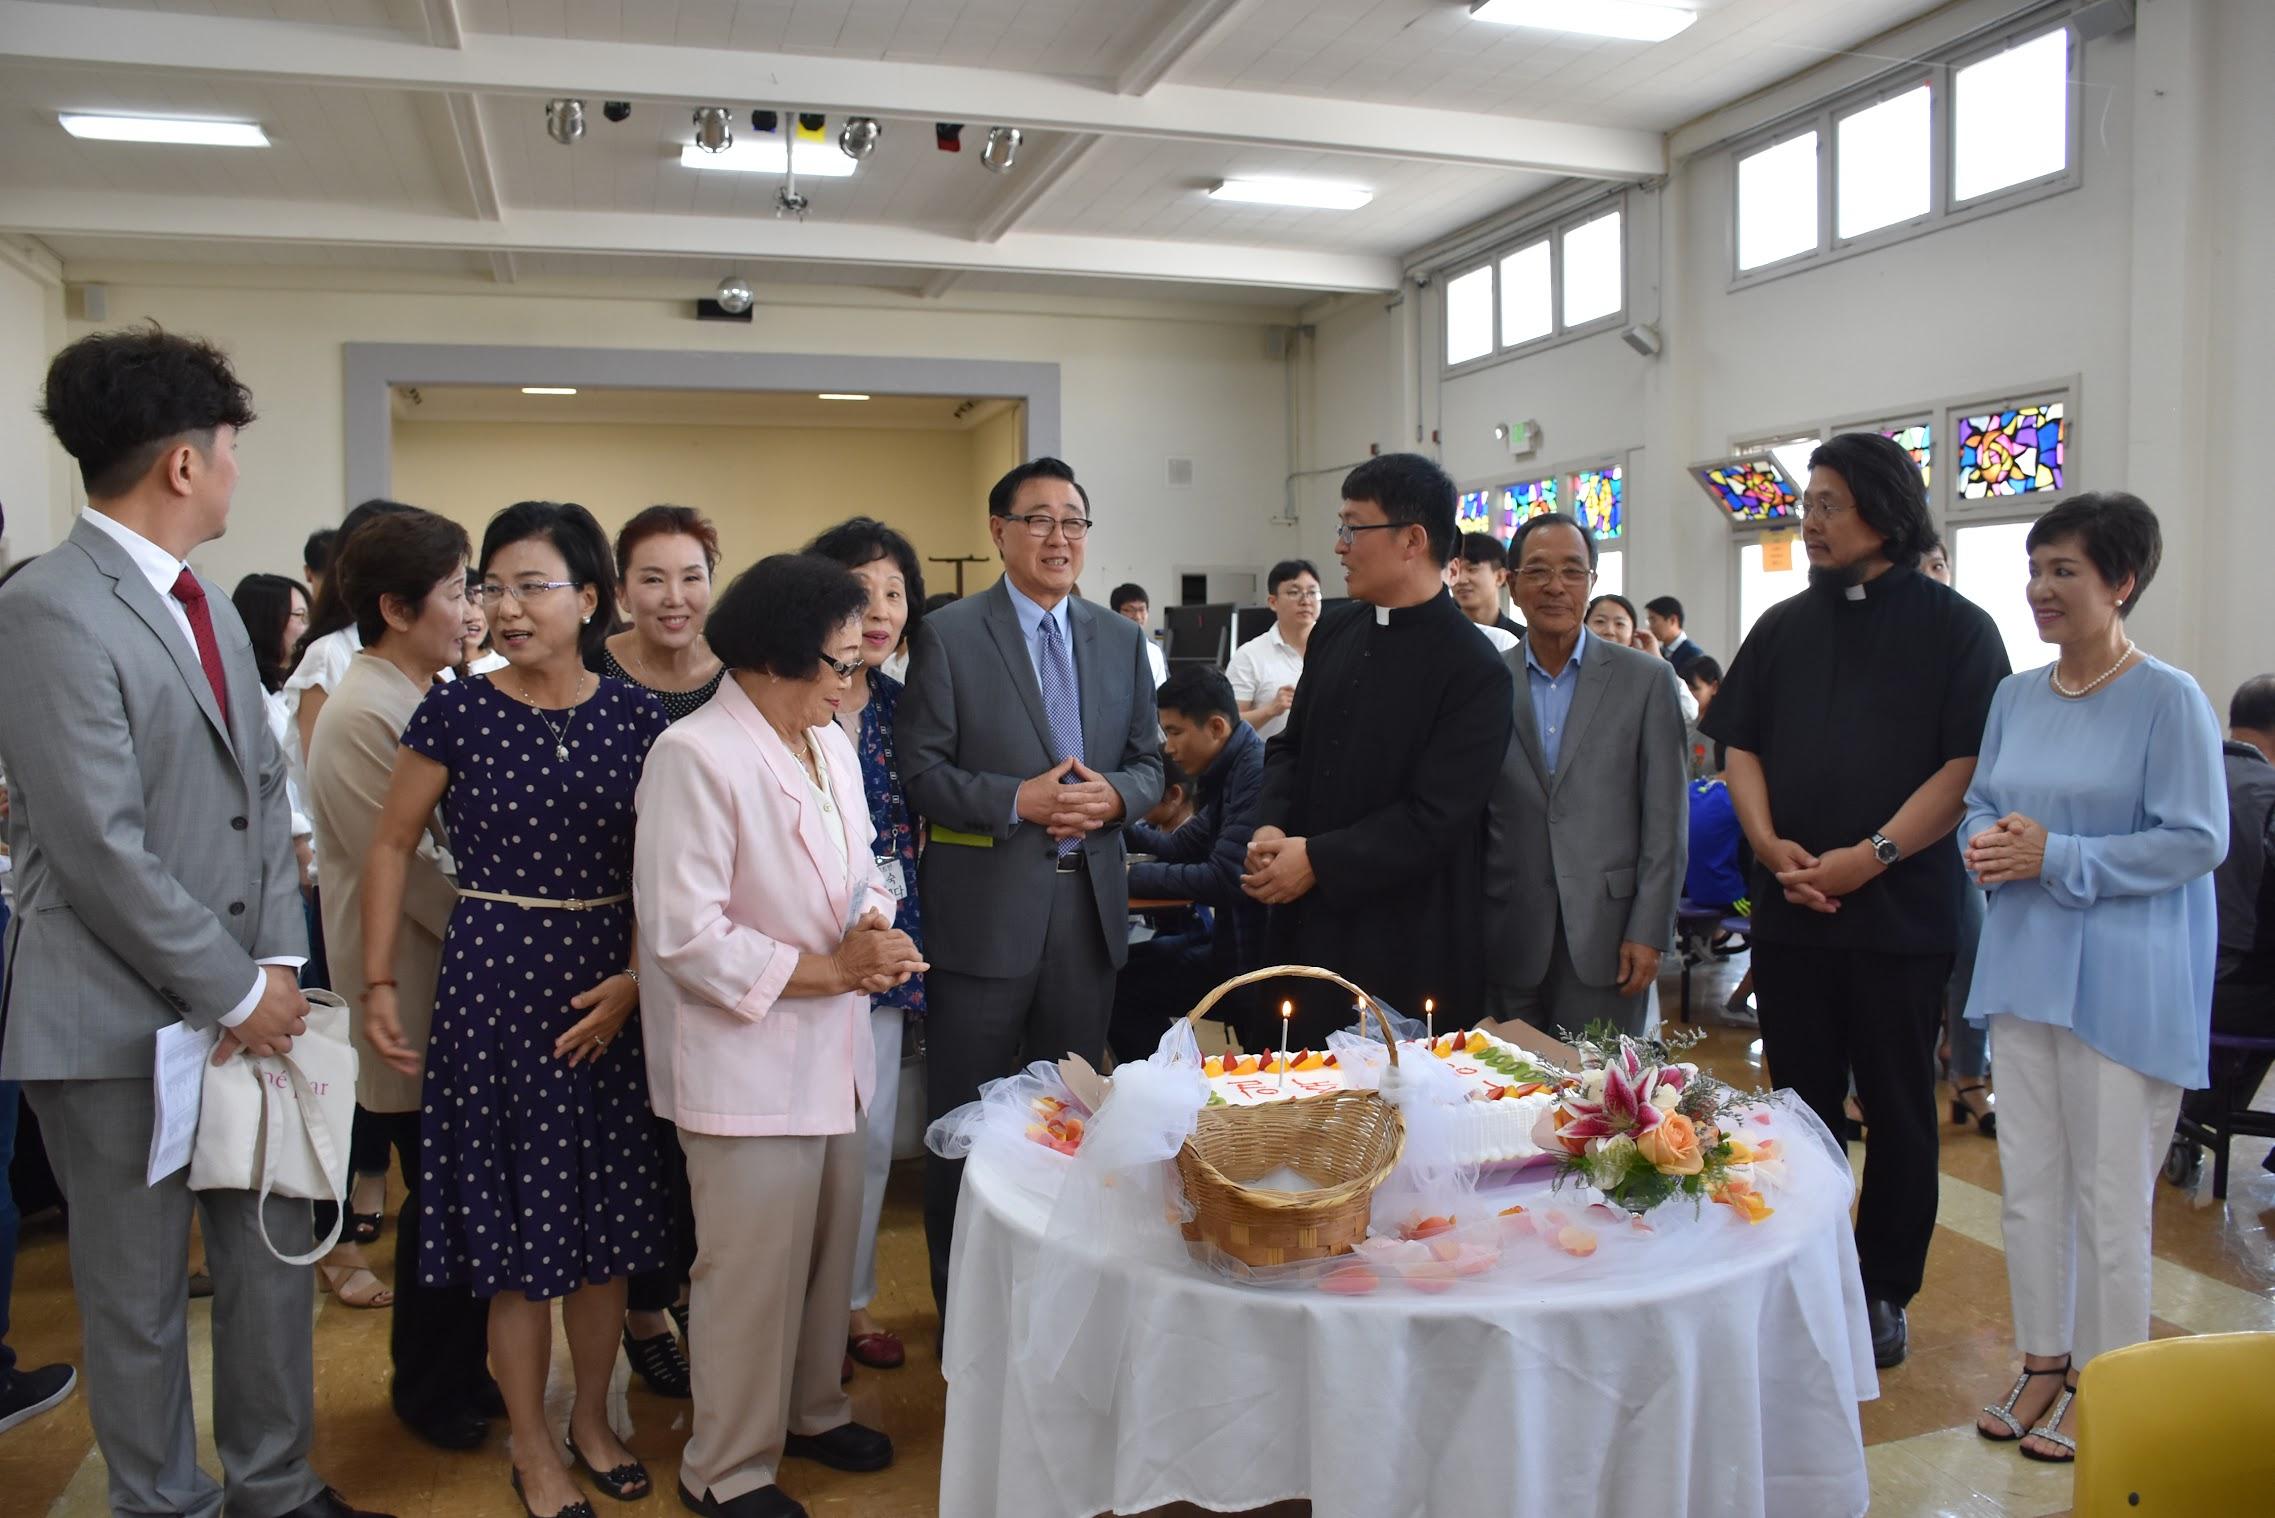 최기홍 바르톨로메오 신부님 영명축일 2018.8.19